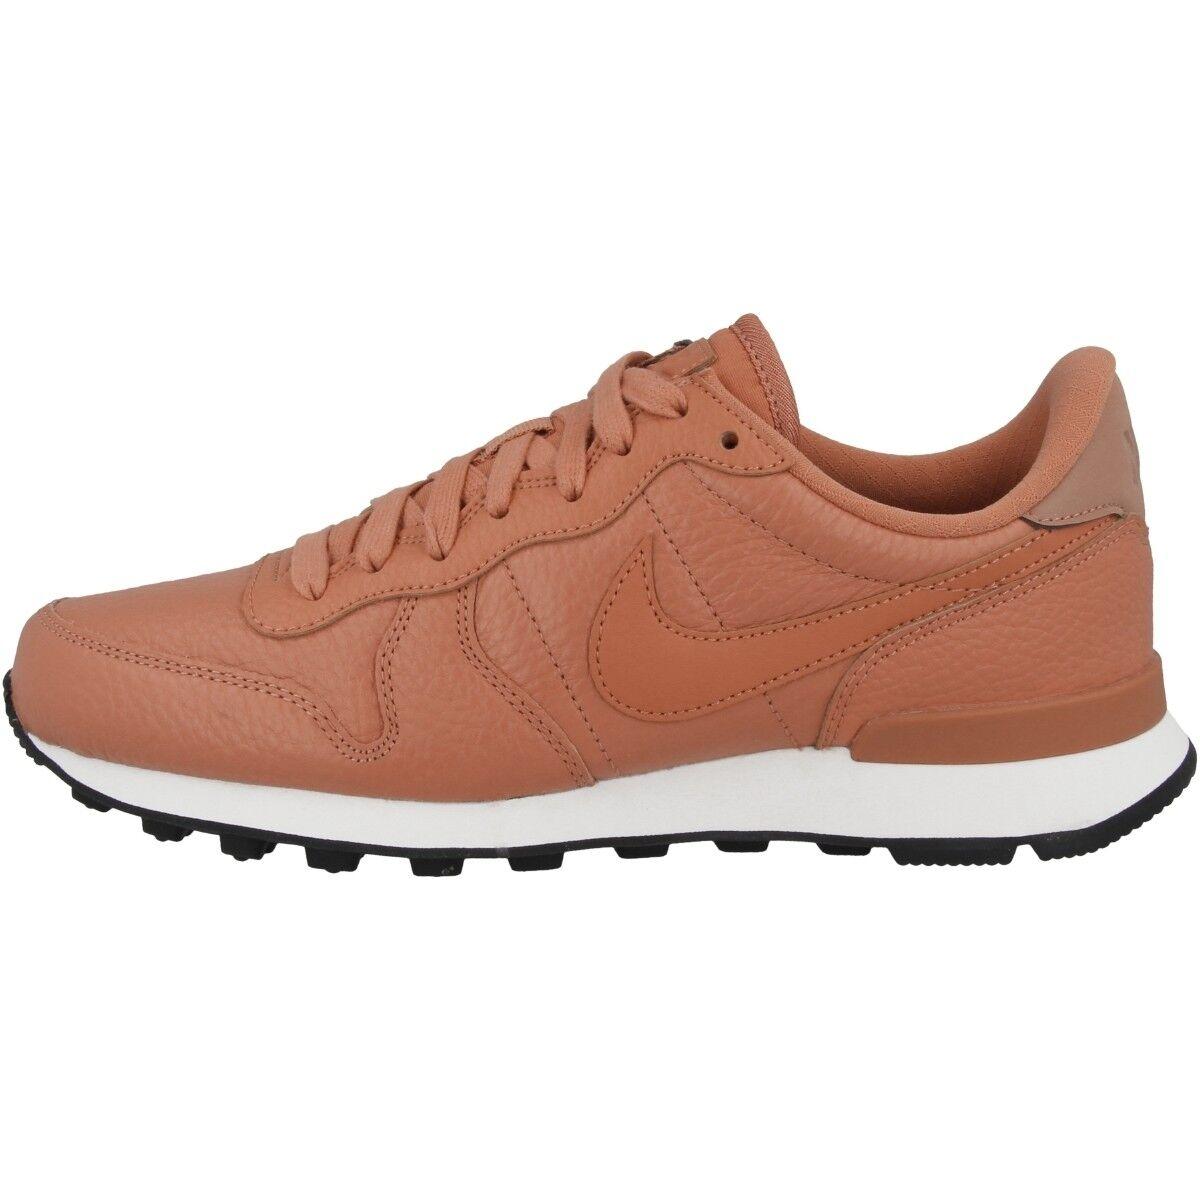 Nike Internazionalista Premium Donne Donna Scarpe scarpe da ginnastica Terra Blush 828404-205